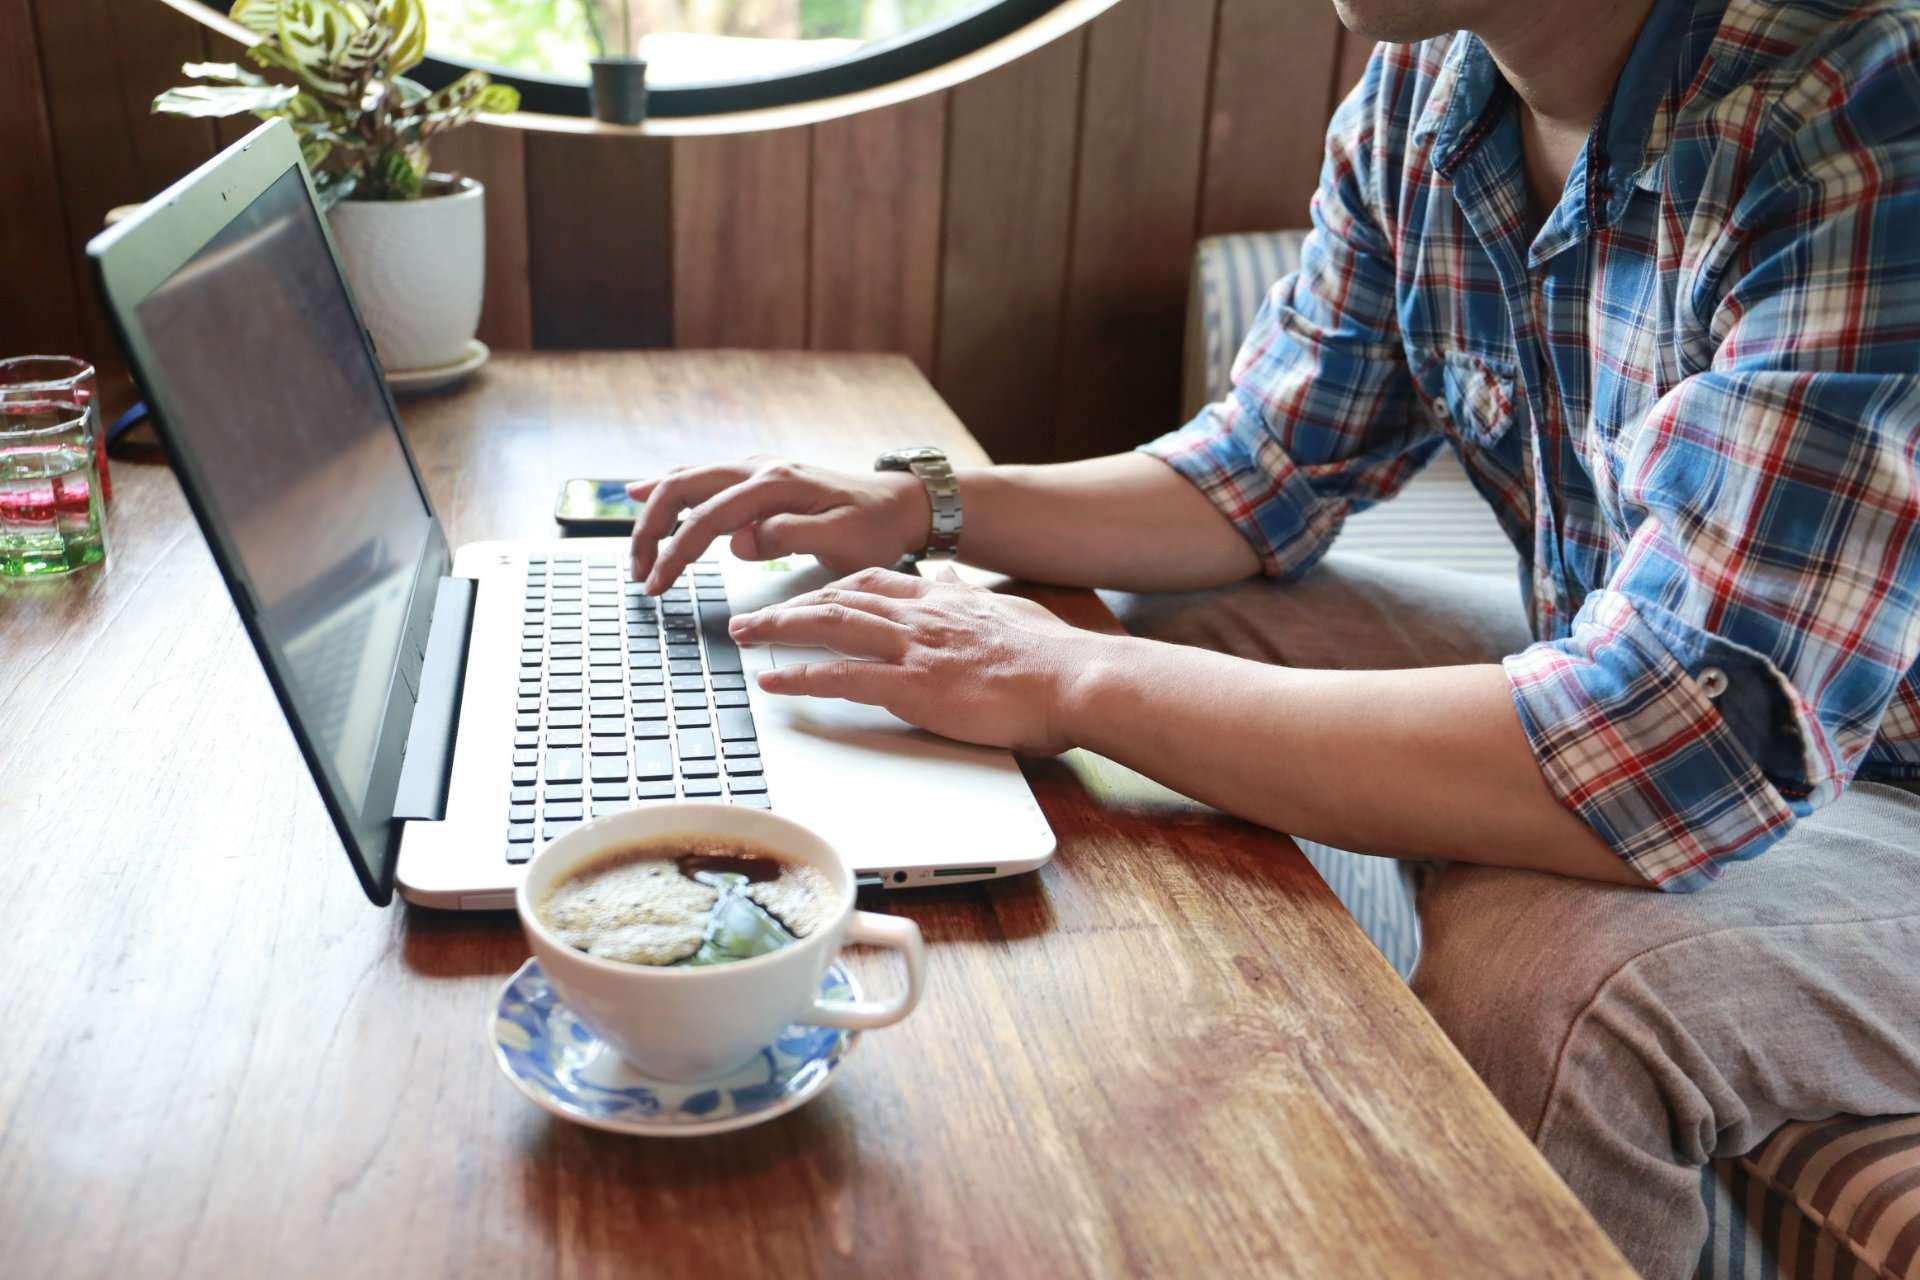 Weboldal készítés kellékei: macbook és kávé